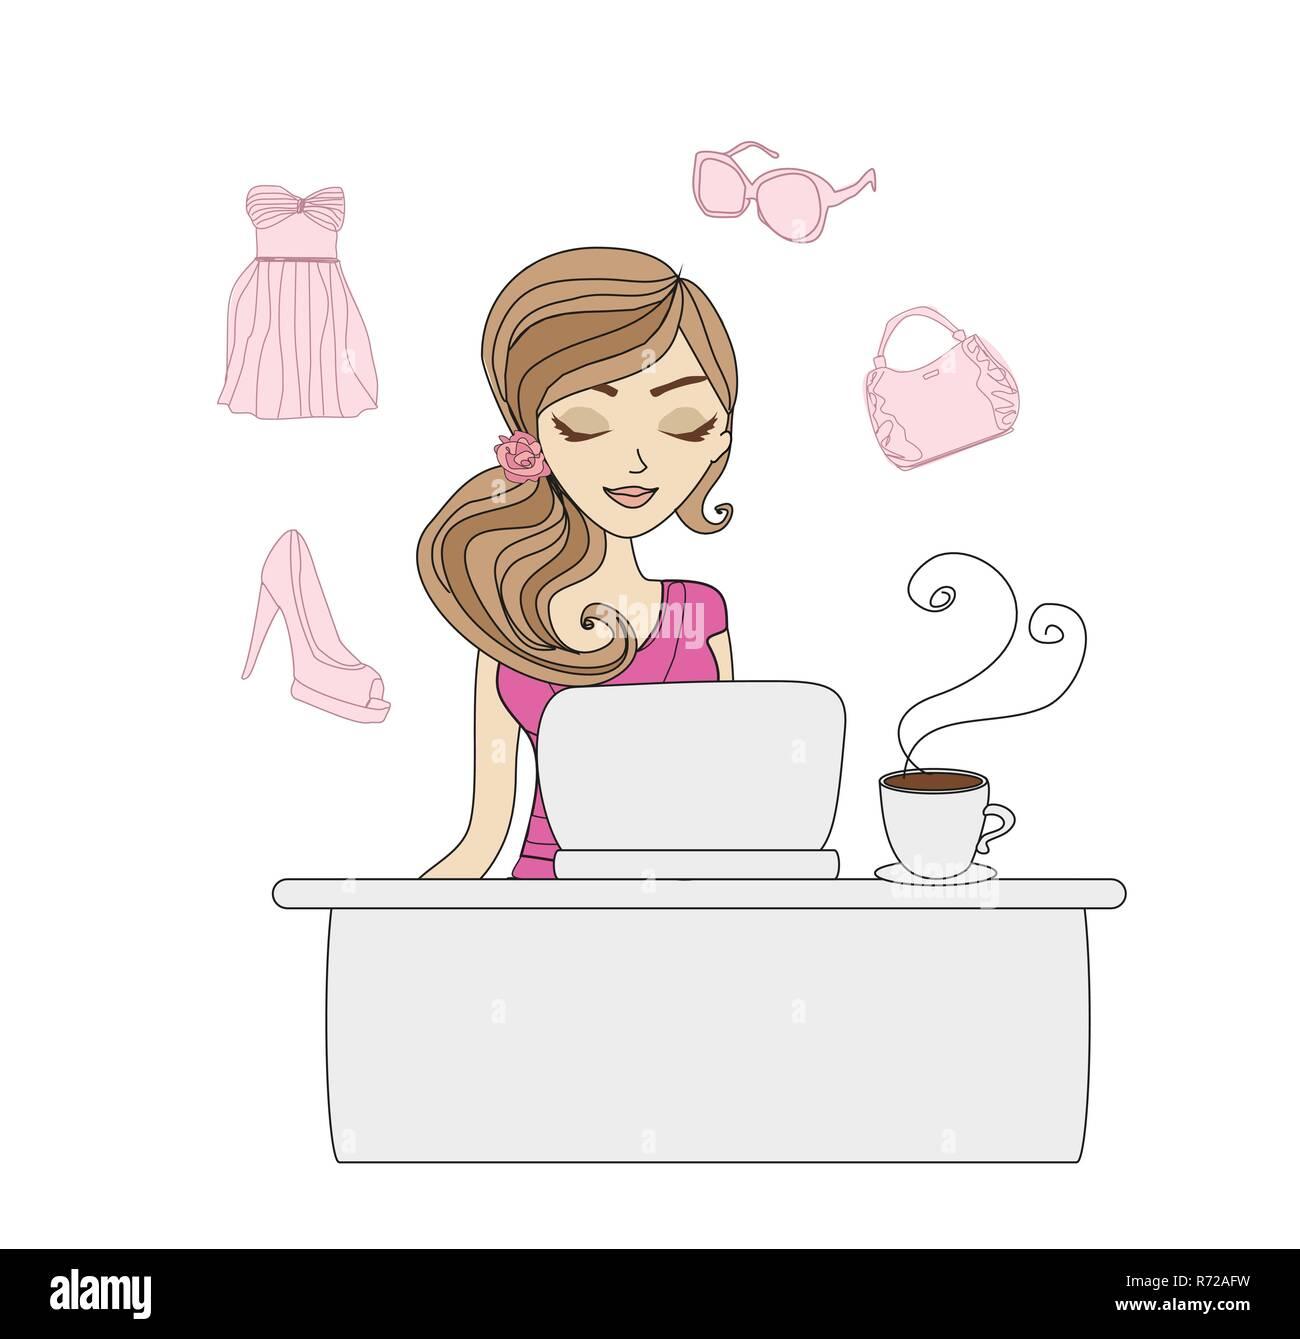 Online shopping girl - Stock Vector